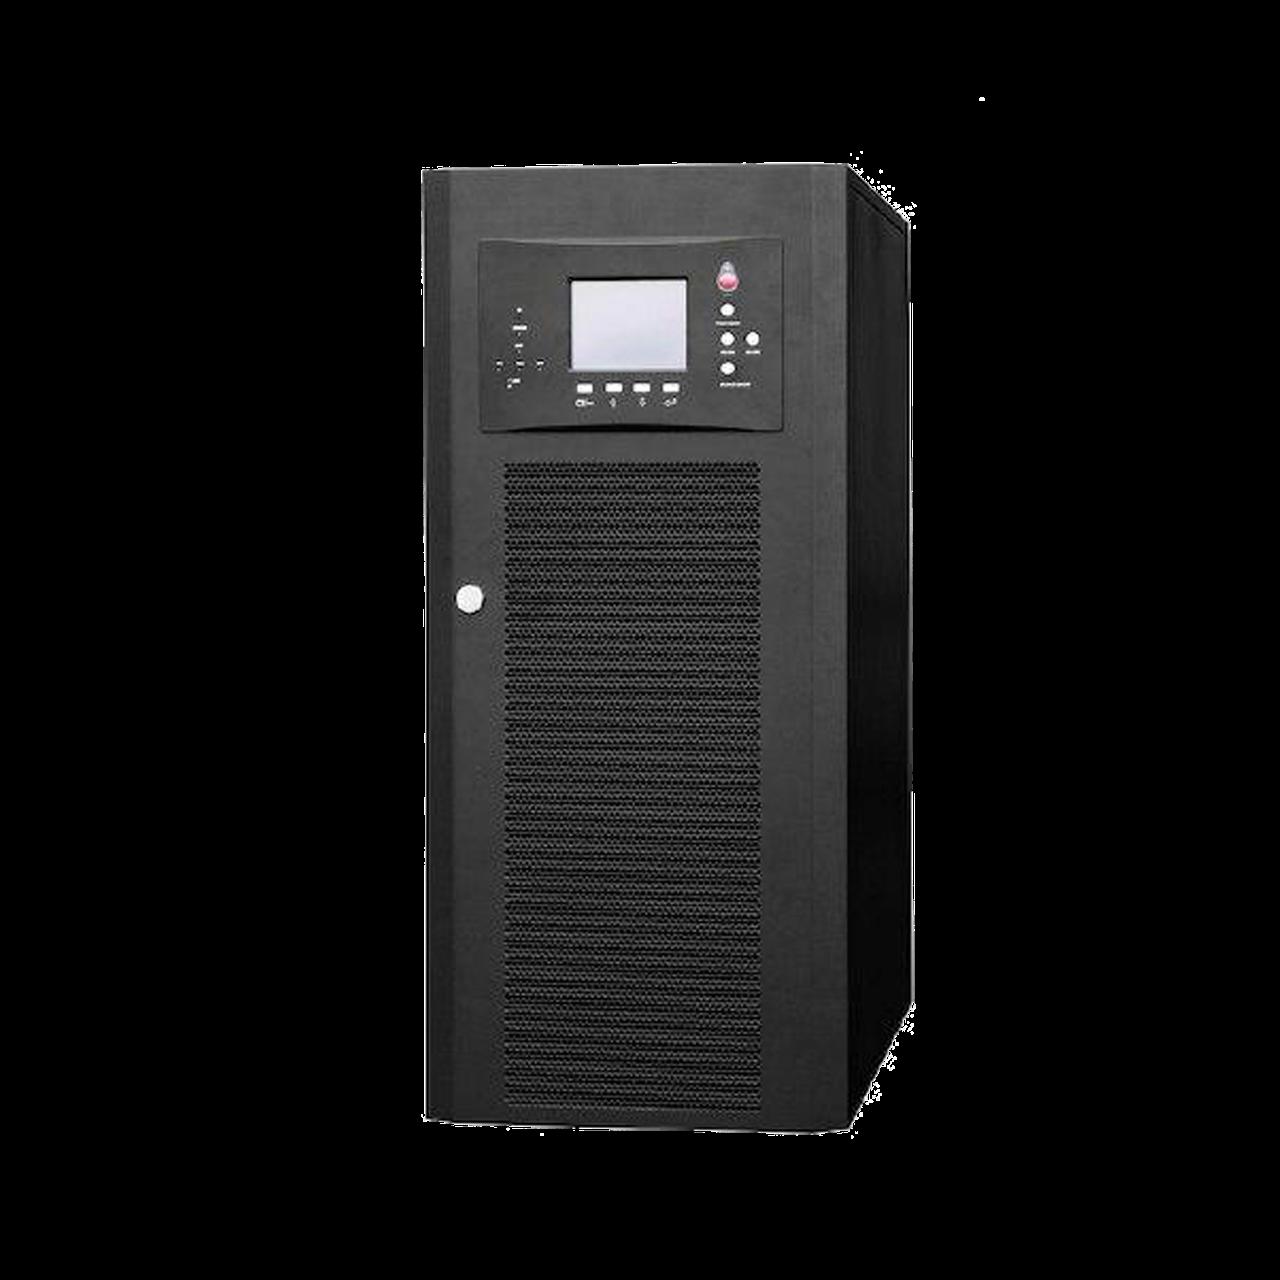 ИБП LogicPower 10 kVA MPPT- 3 фазный